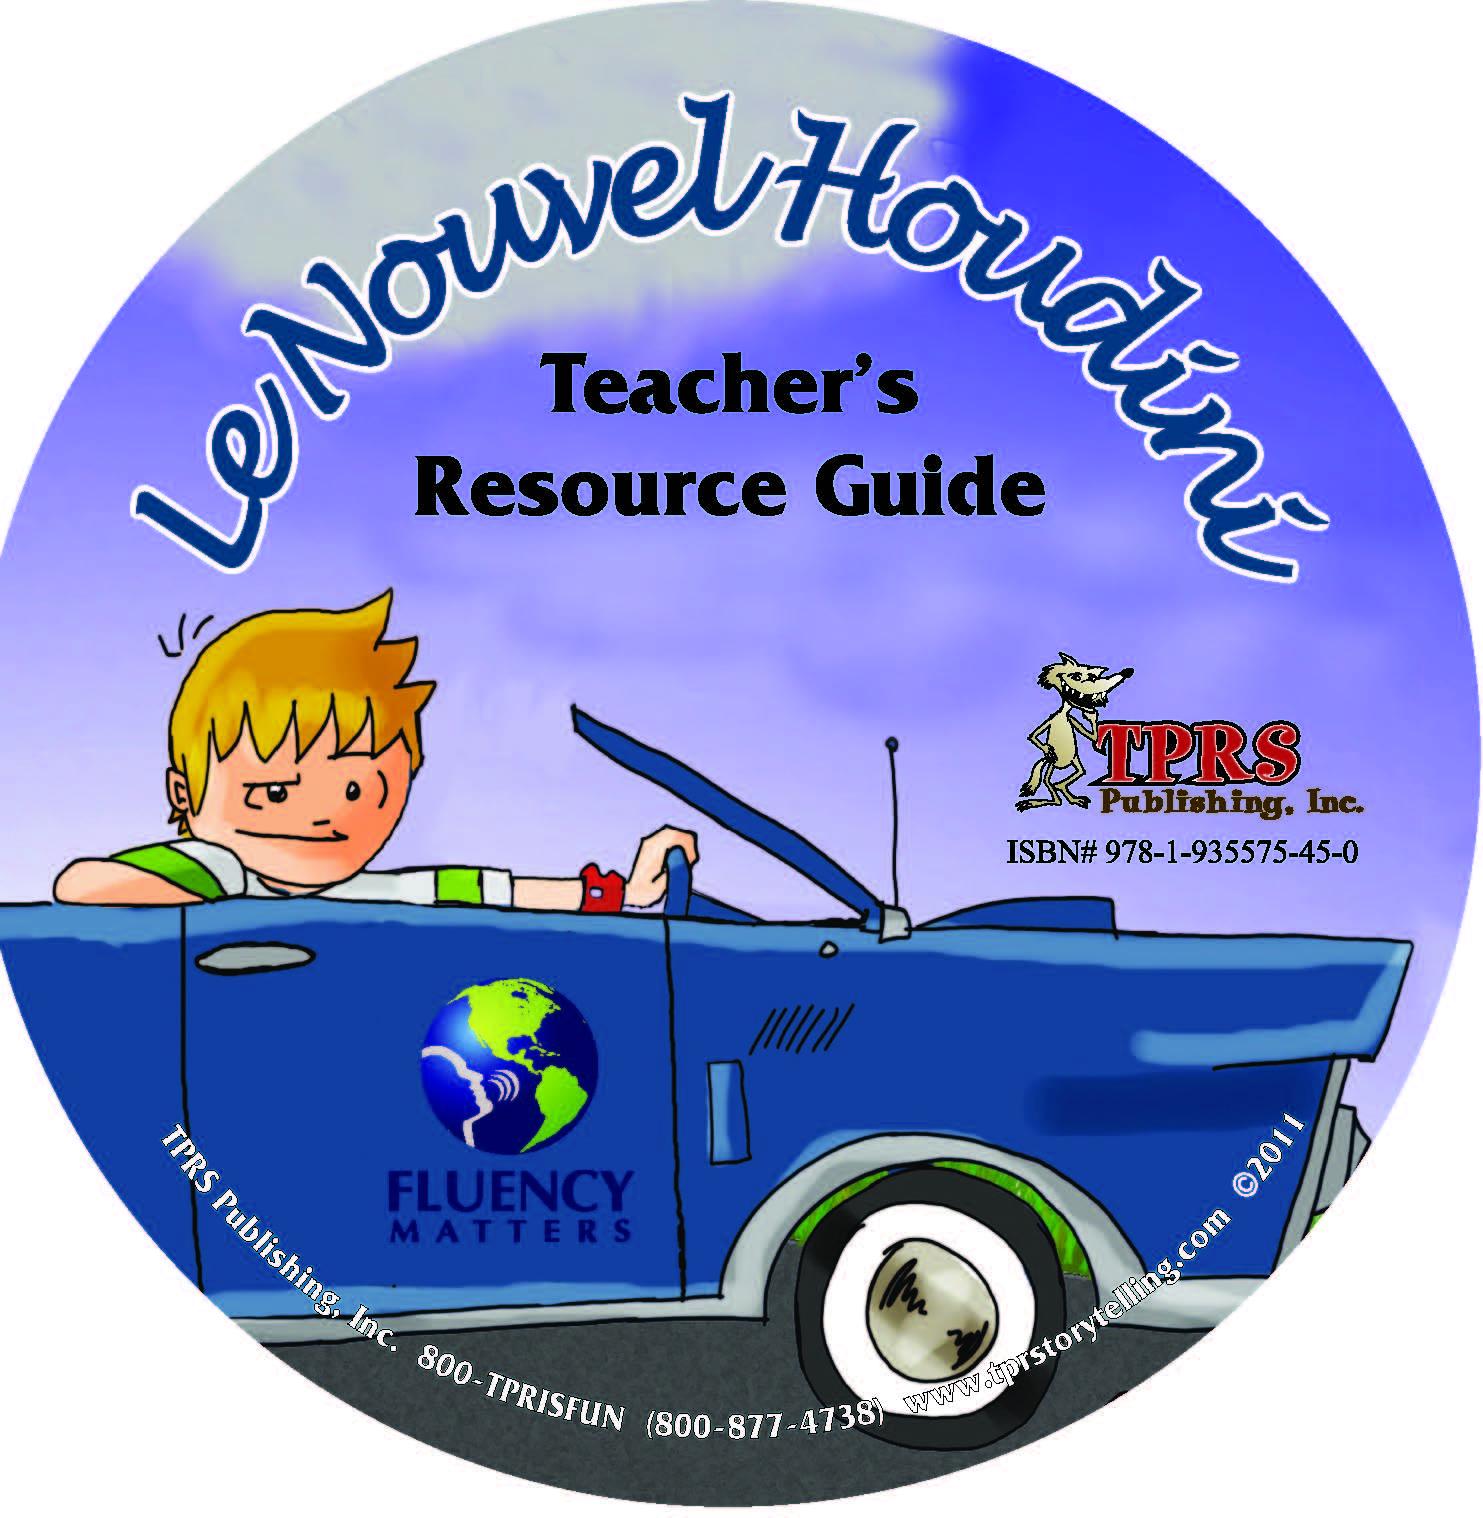 Le Nouvel Houdini – Teacher's Guide On CD